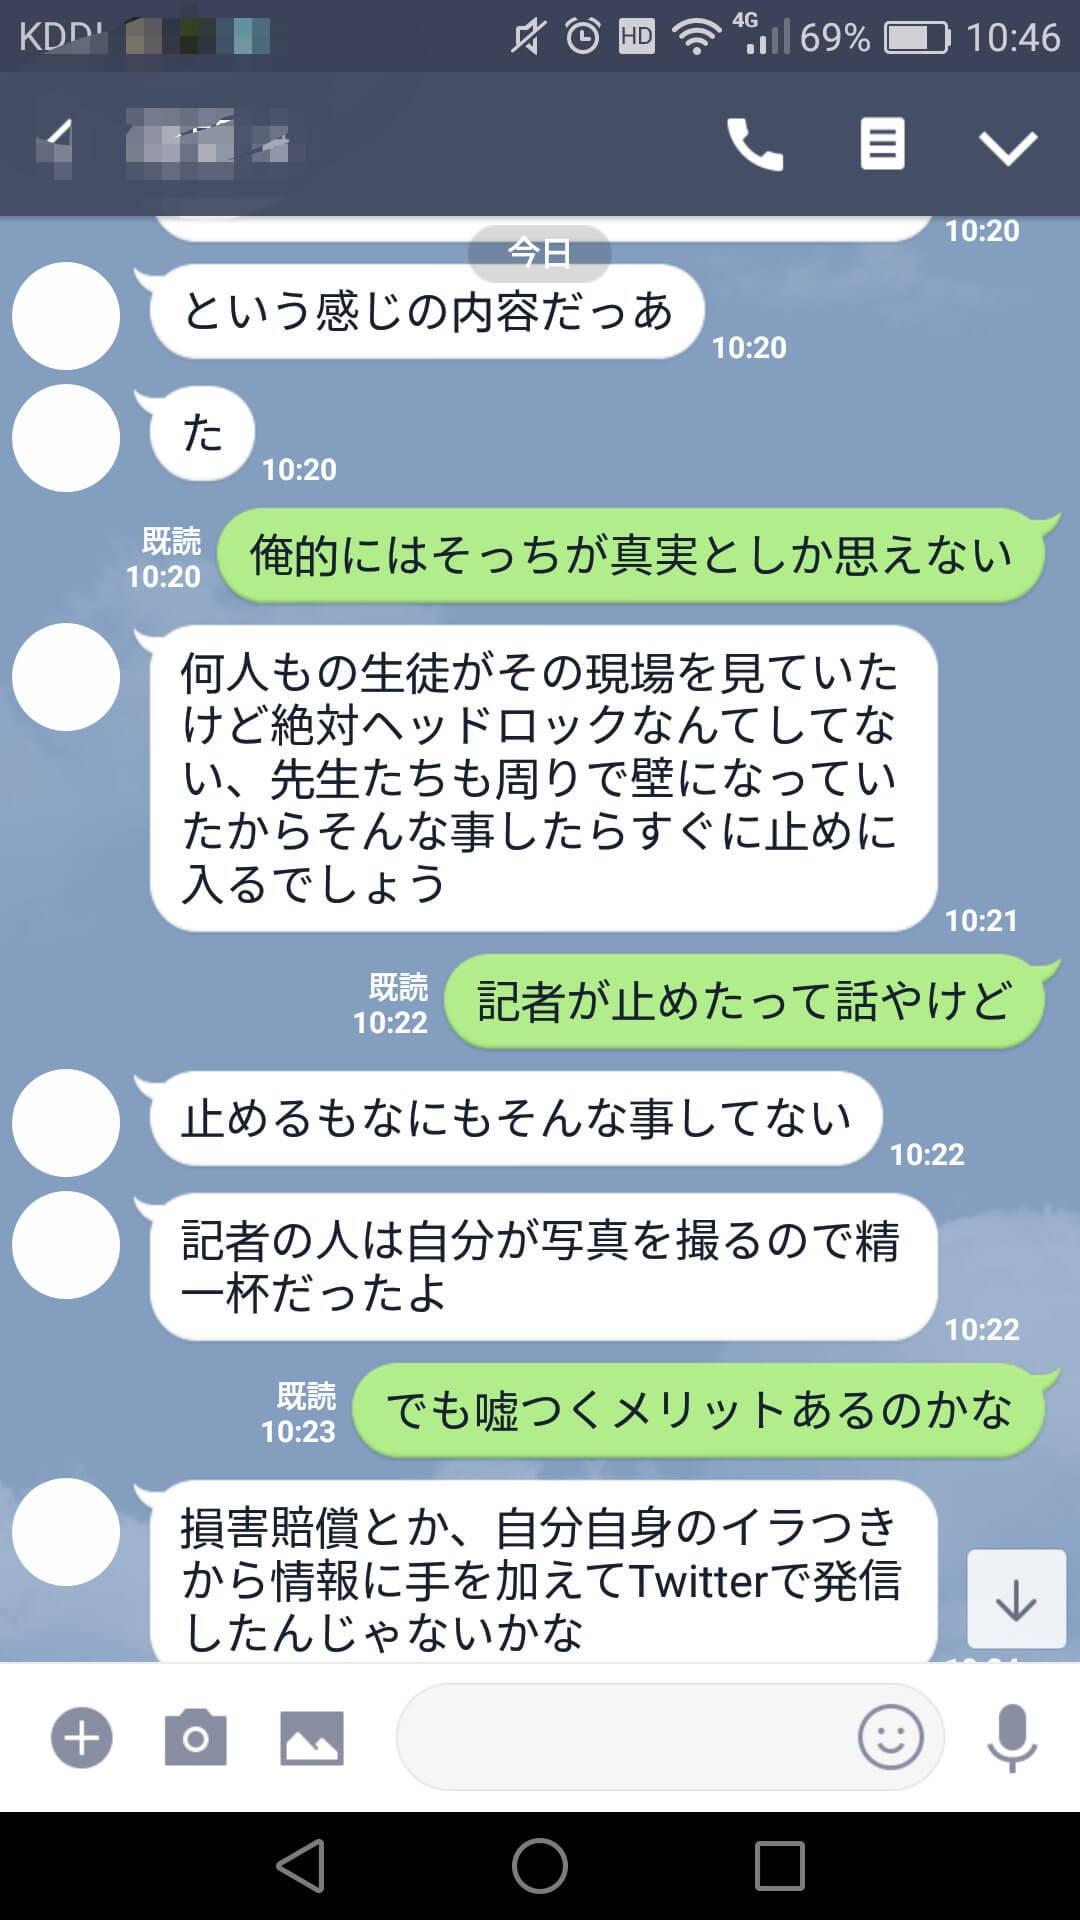 新橋駅前SL広場の騒動についてさなさん(@sana_seria)が関係者に事実関係を確認したキャプチャ画像9